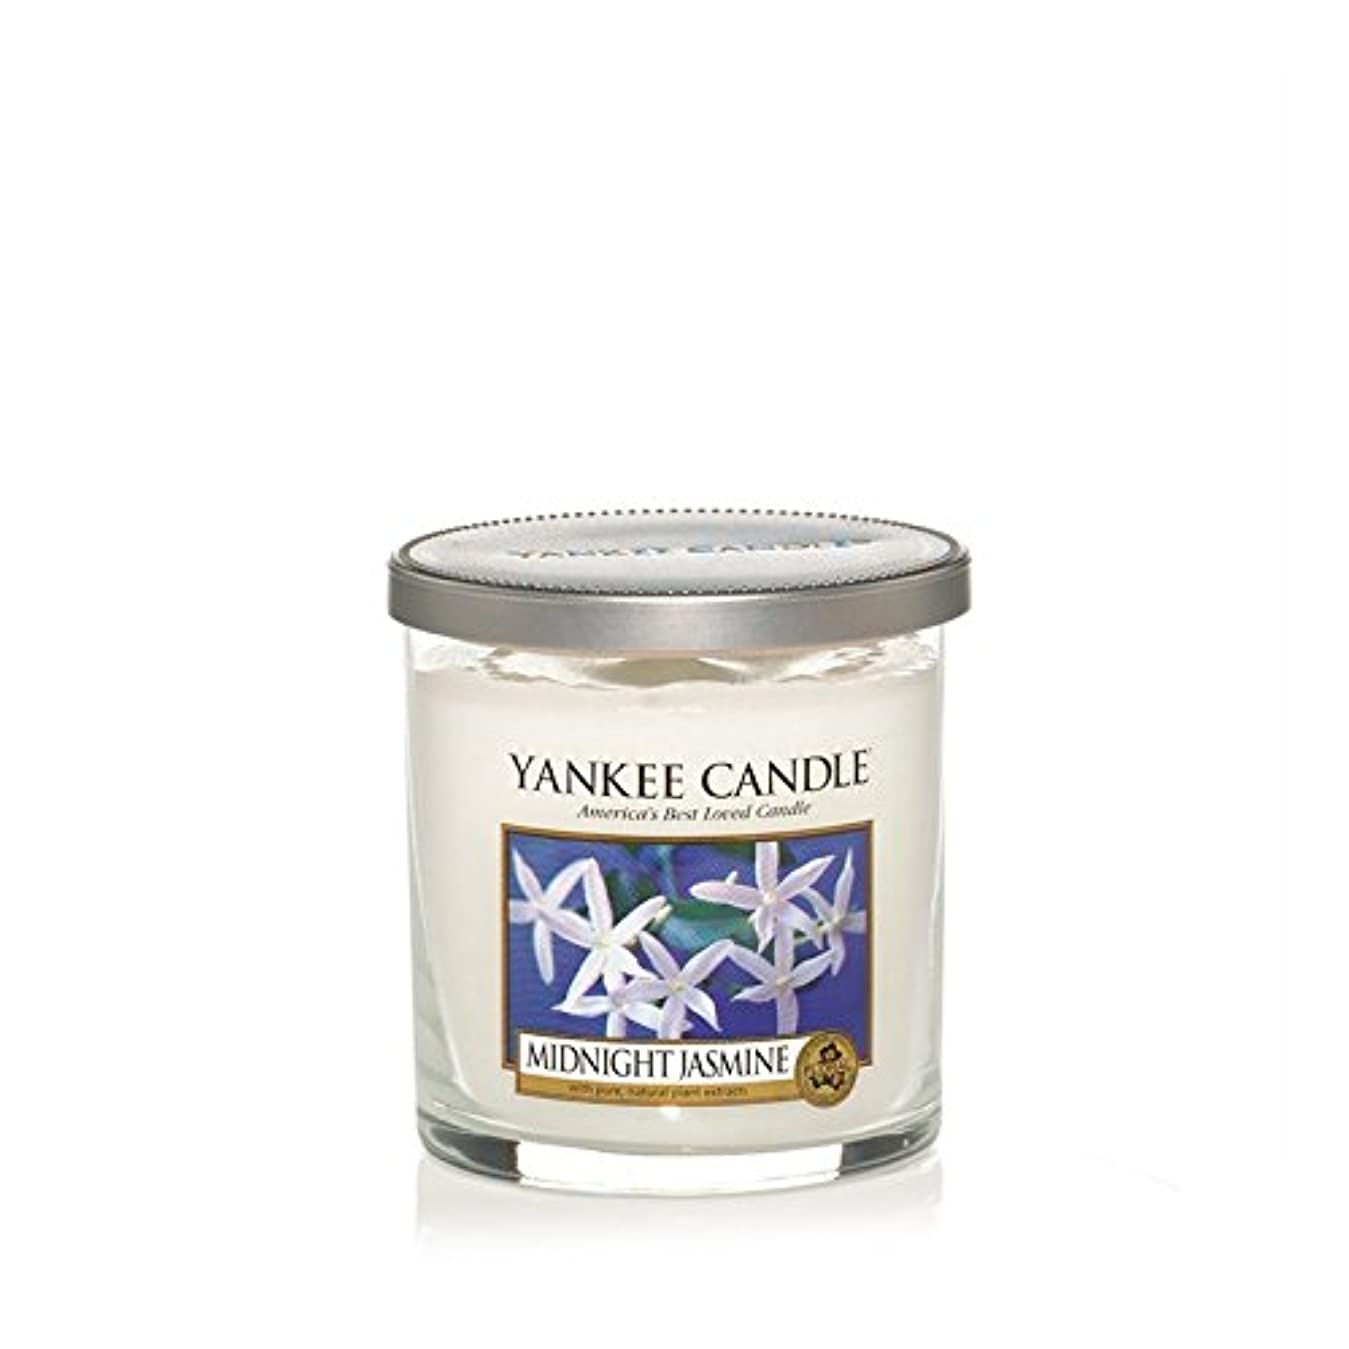 政治的限られた博物館Yankee Candles Small Pillar Candle - Midnight Jasmine (Pack of 6) - ヤンキーキャンドルの小さな柱キャンドル - 深夜ジャスミン (x6) [並行輸入品]